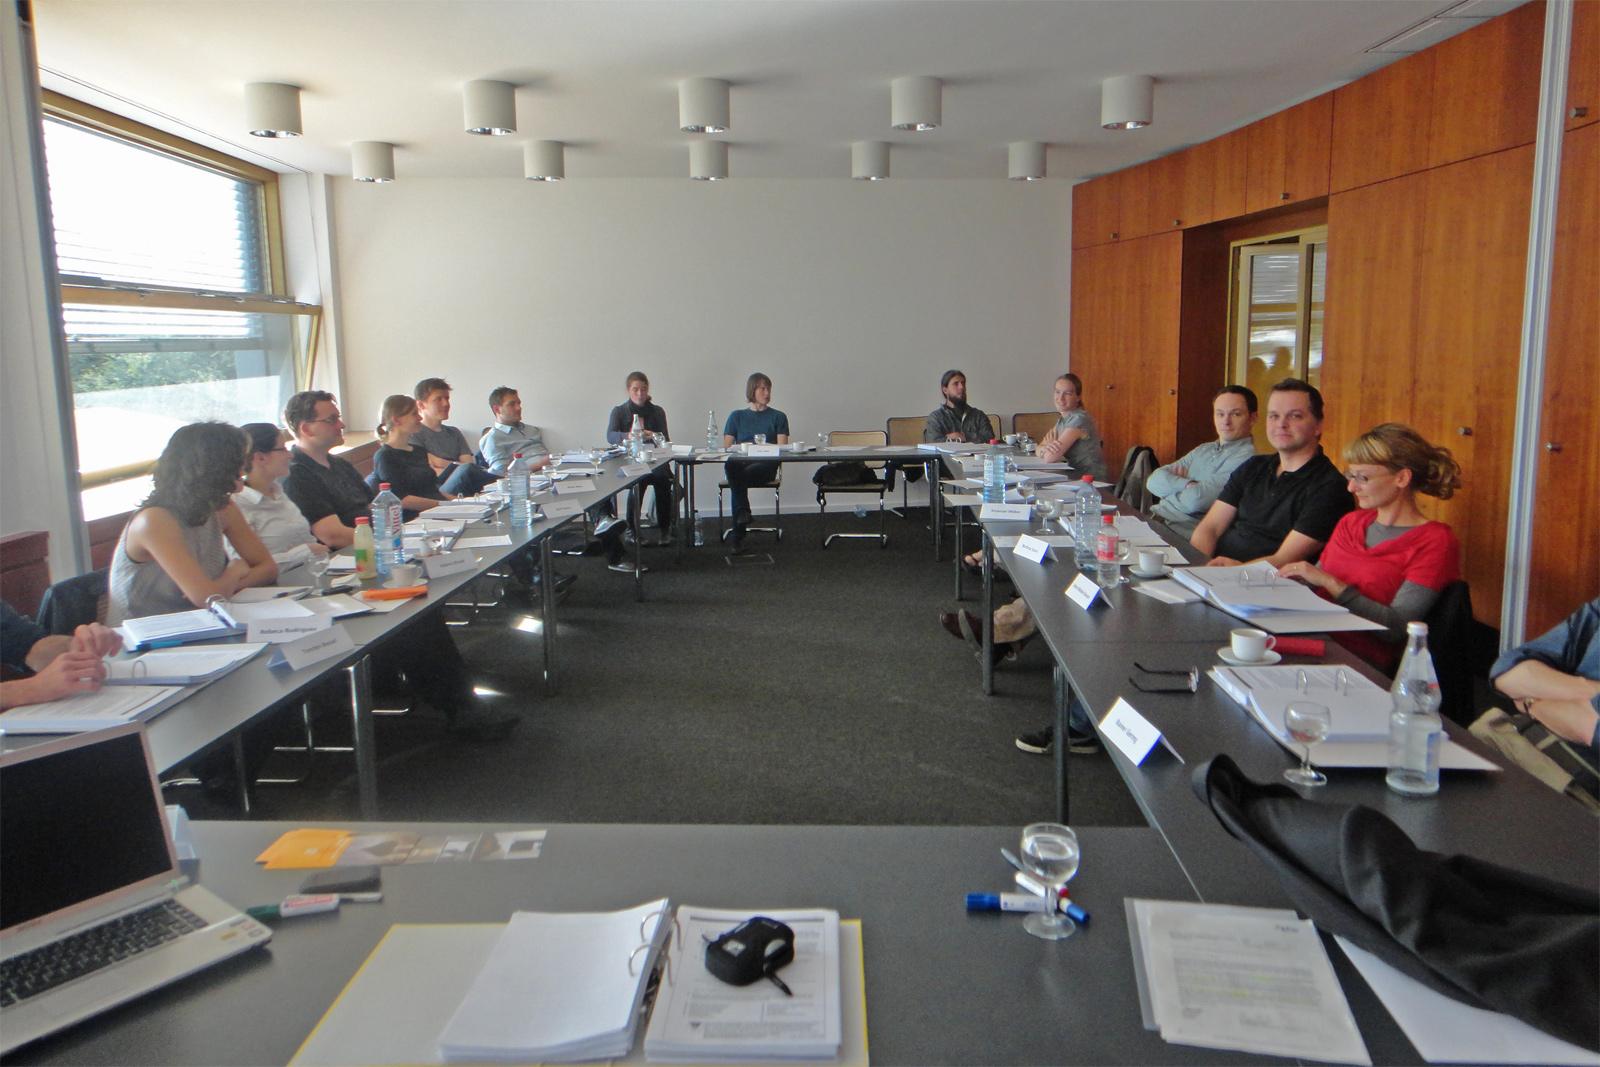 Existenzgründungsseminar Am 28092011 In Der Architektenkammer